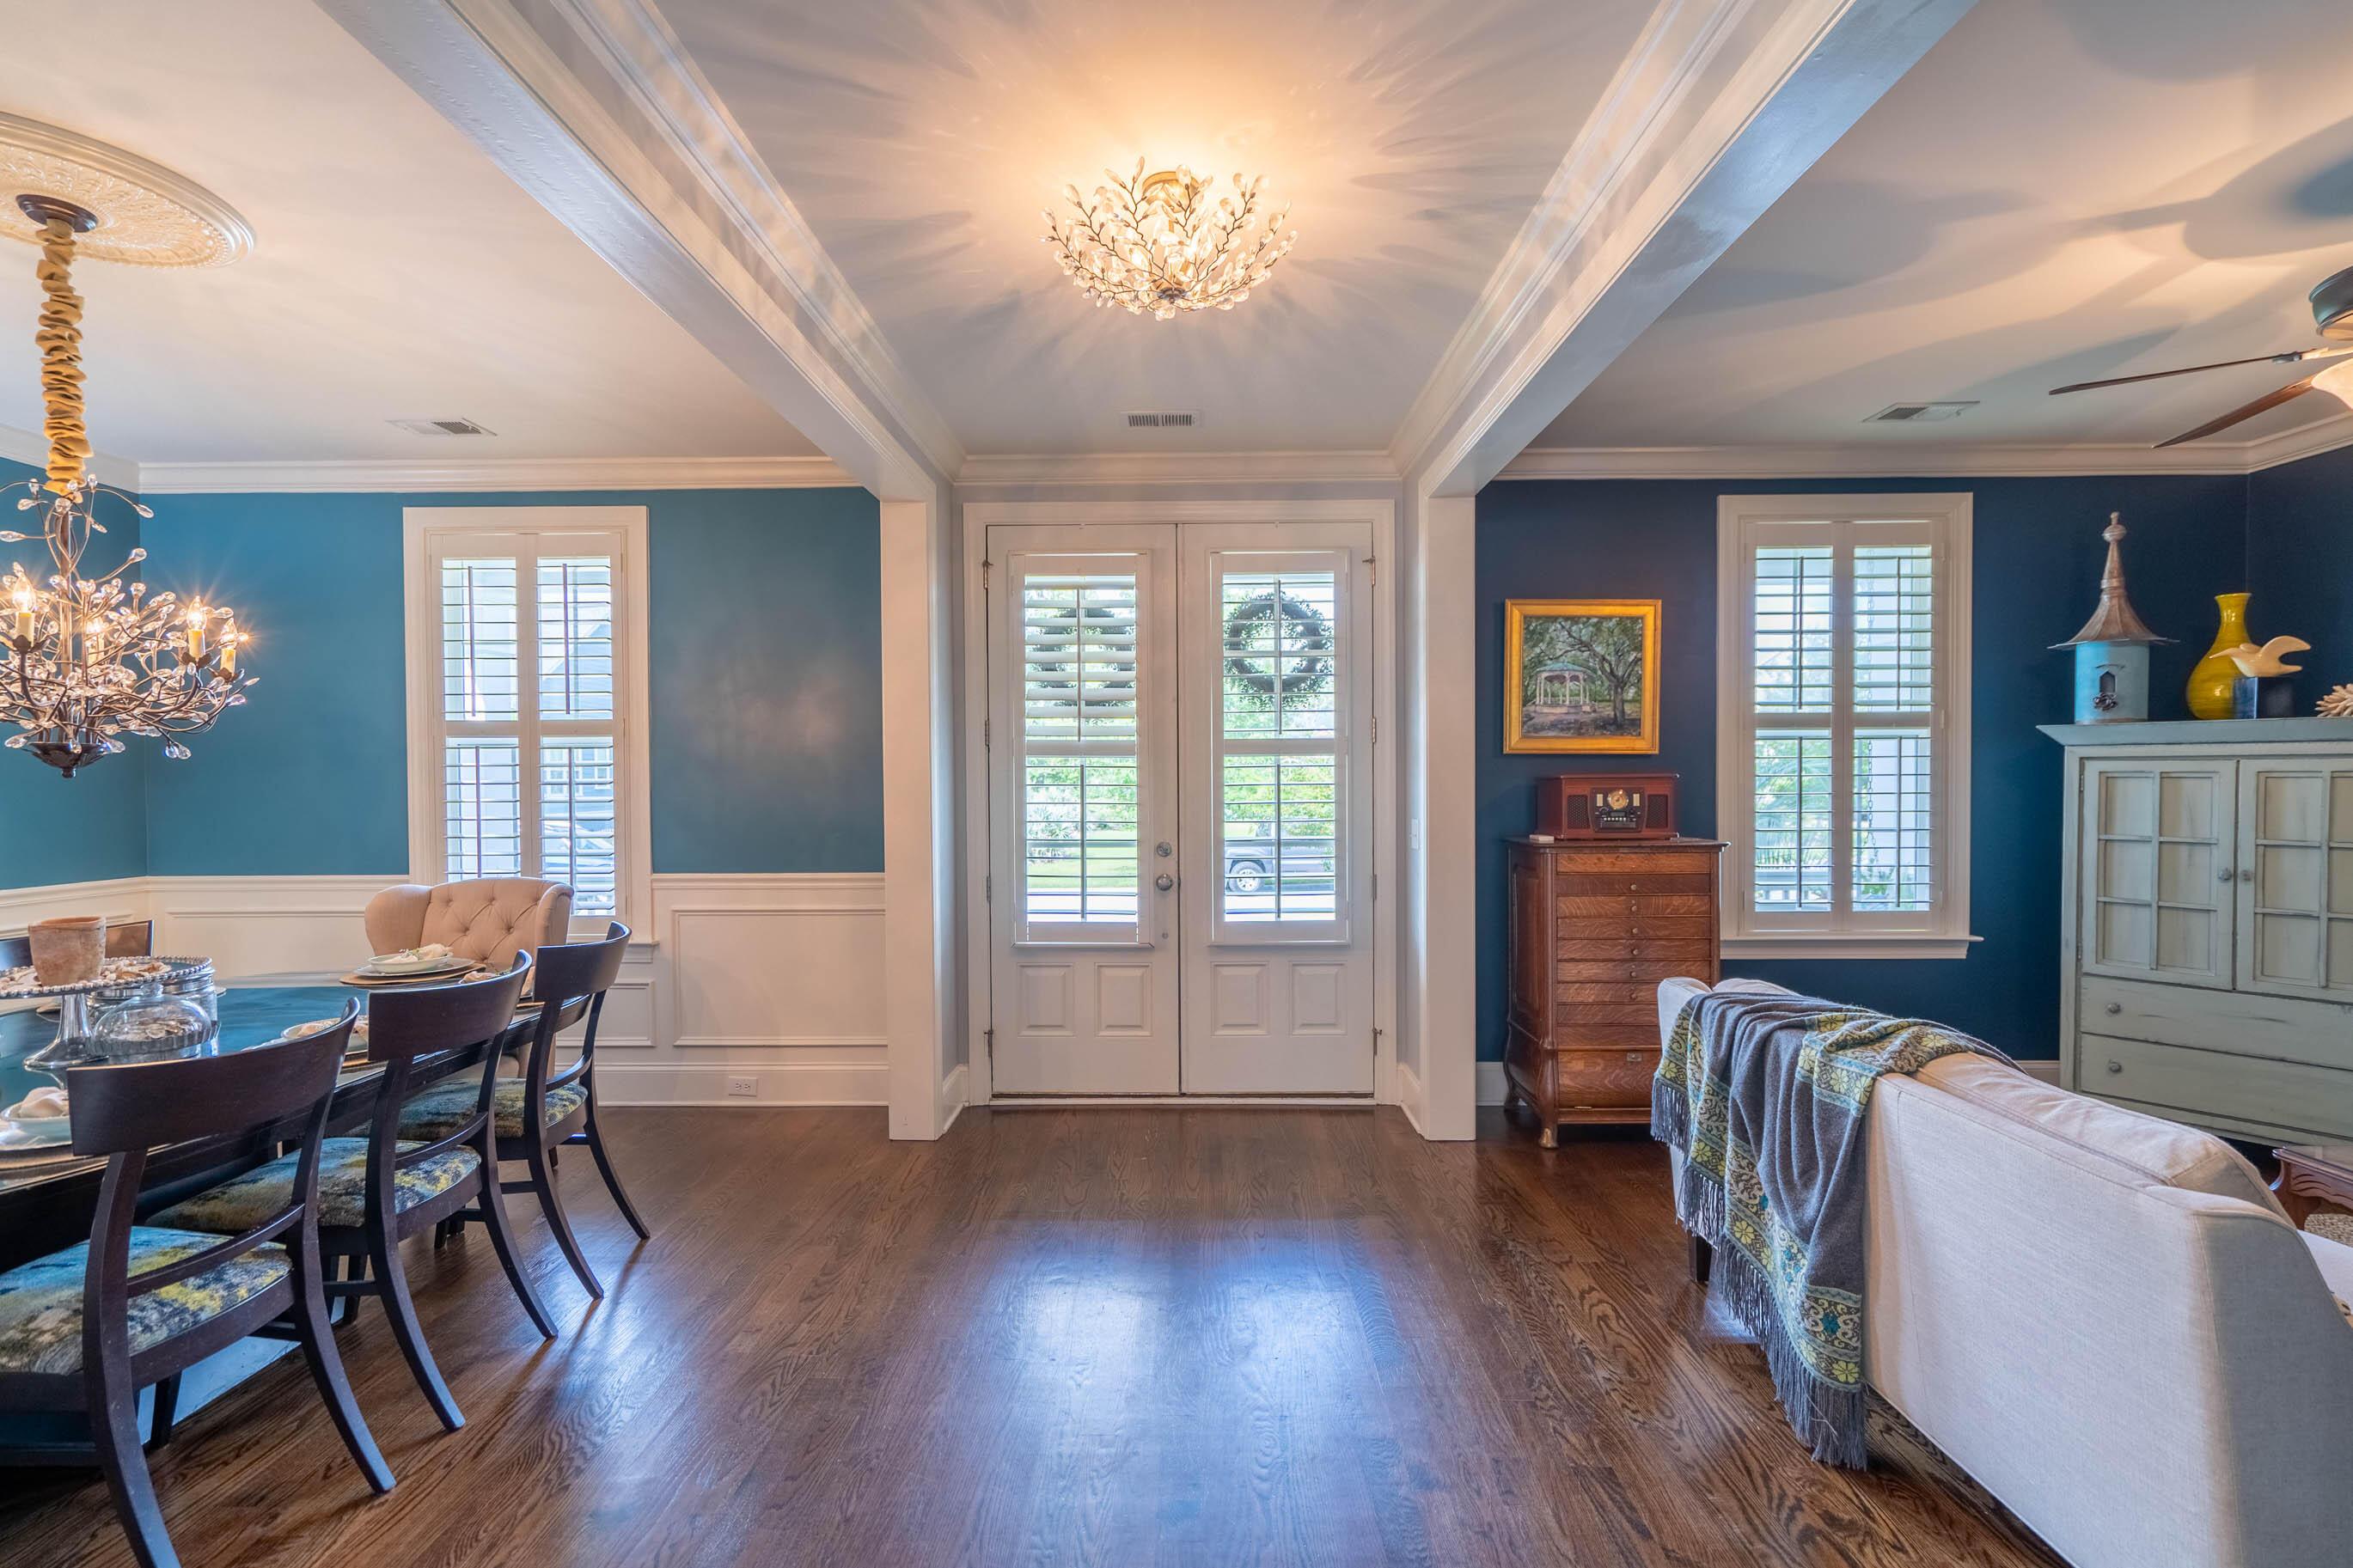 Dunes West Homes For Sale - 2997 Sturbridge, Mount Pleasant, SC - 8